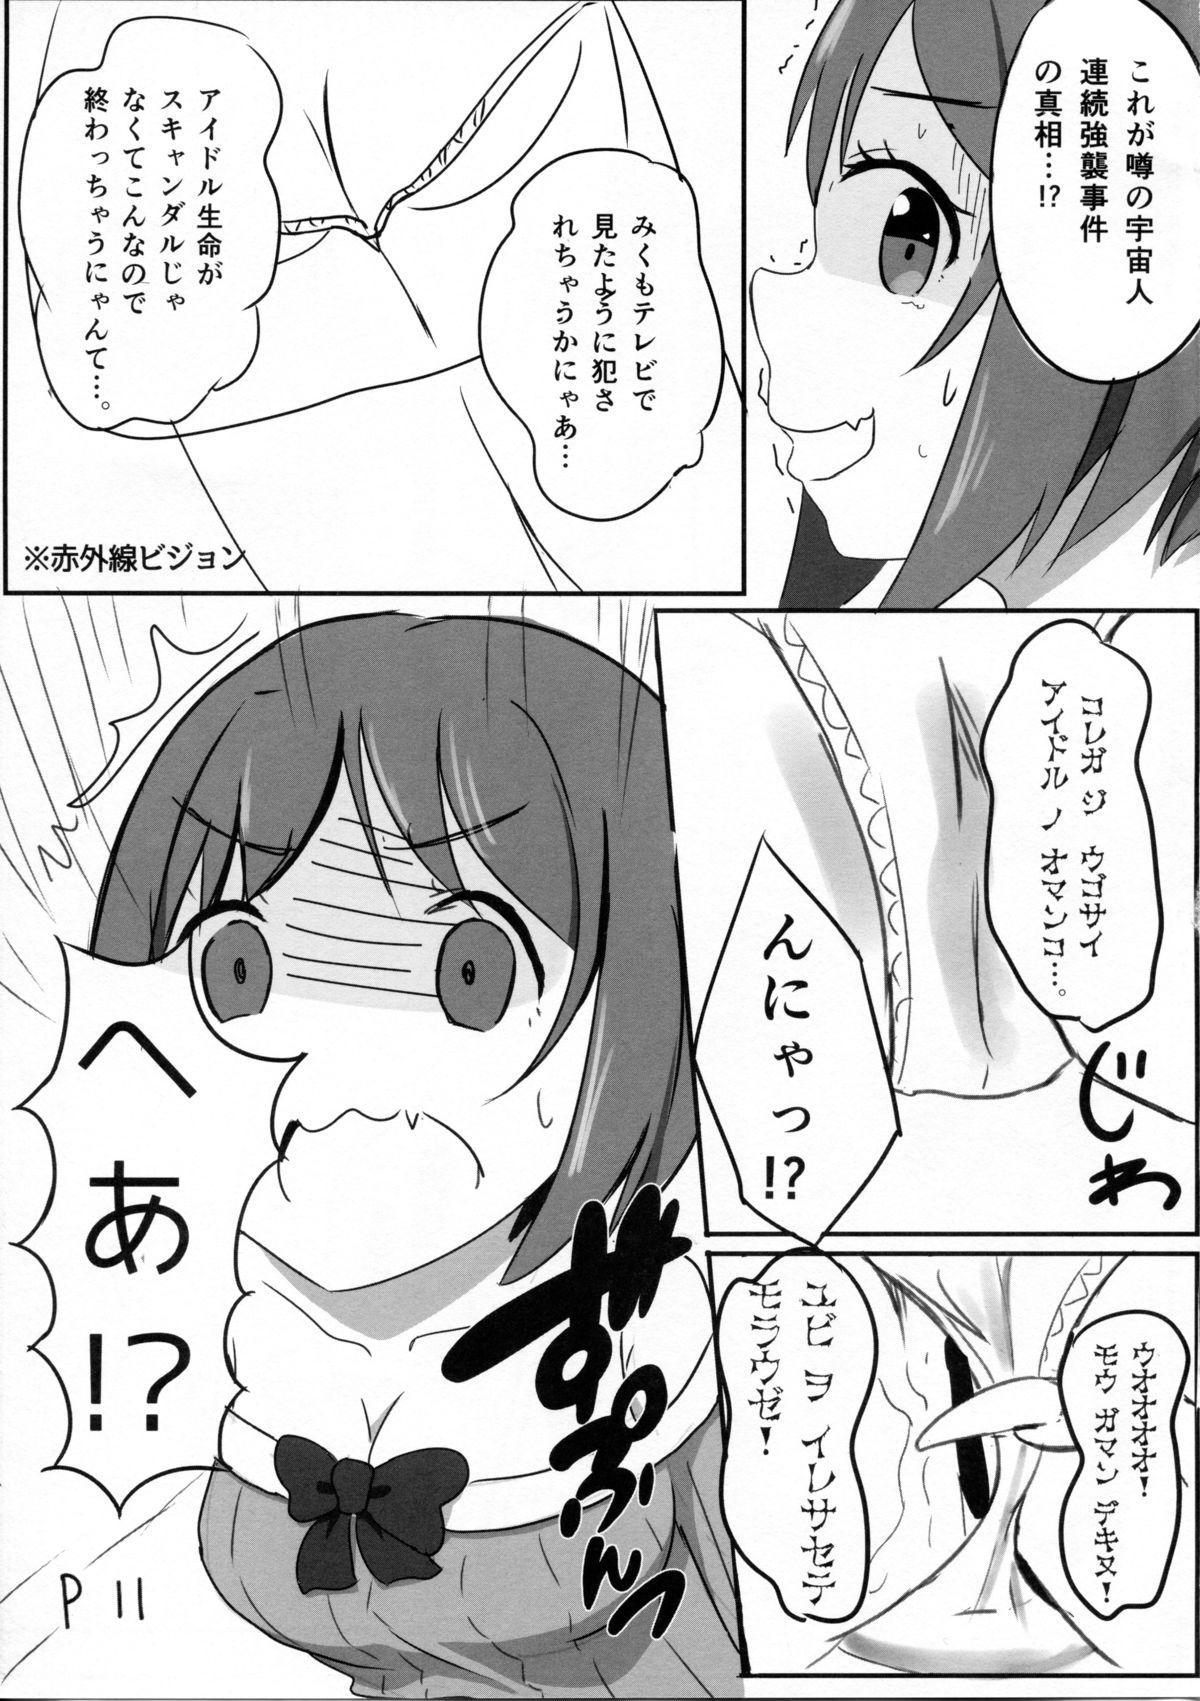 Maekawa Miku vs Predator 9